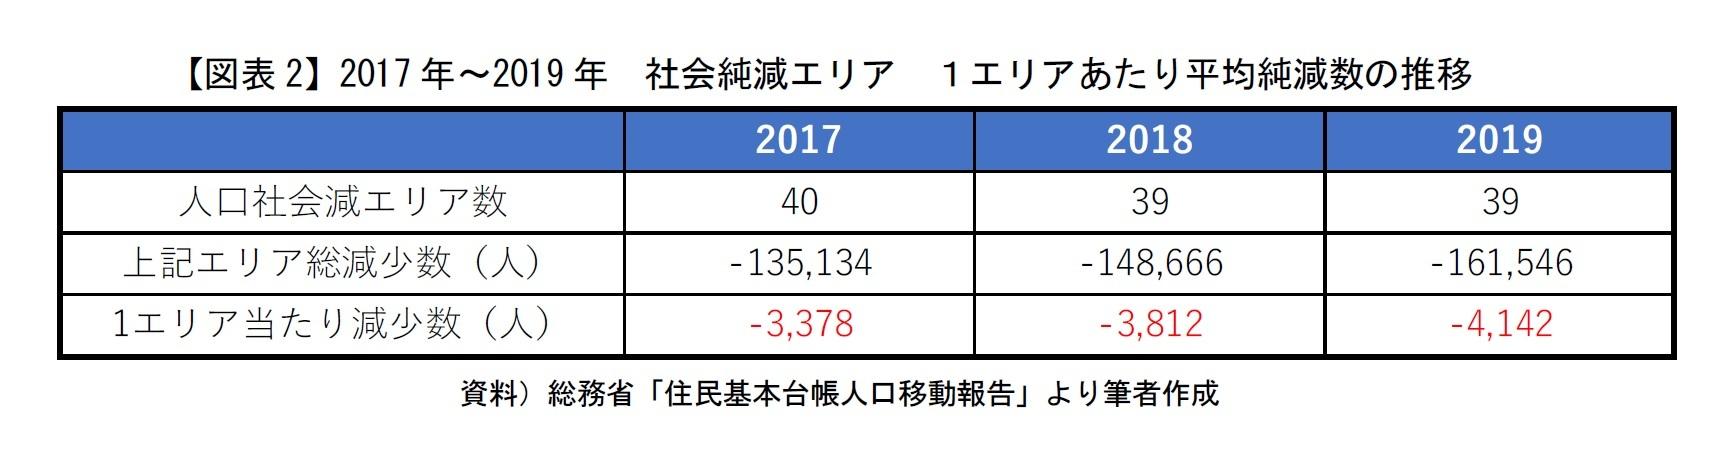 【図表2】2017年~2019年 社会純減エリア 1エリアあたり平均純減数の推移